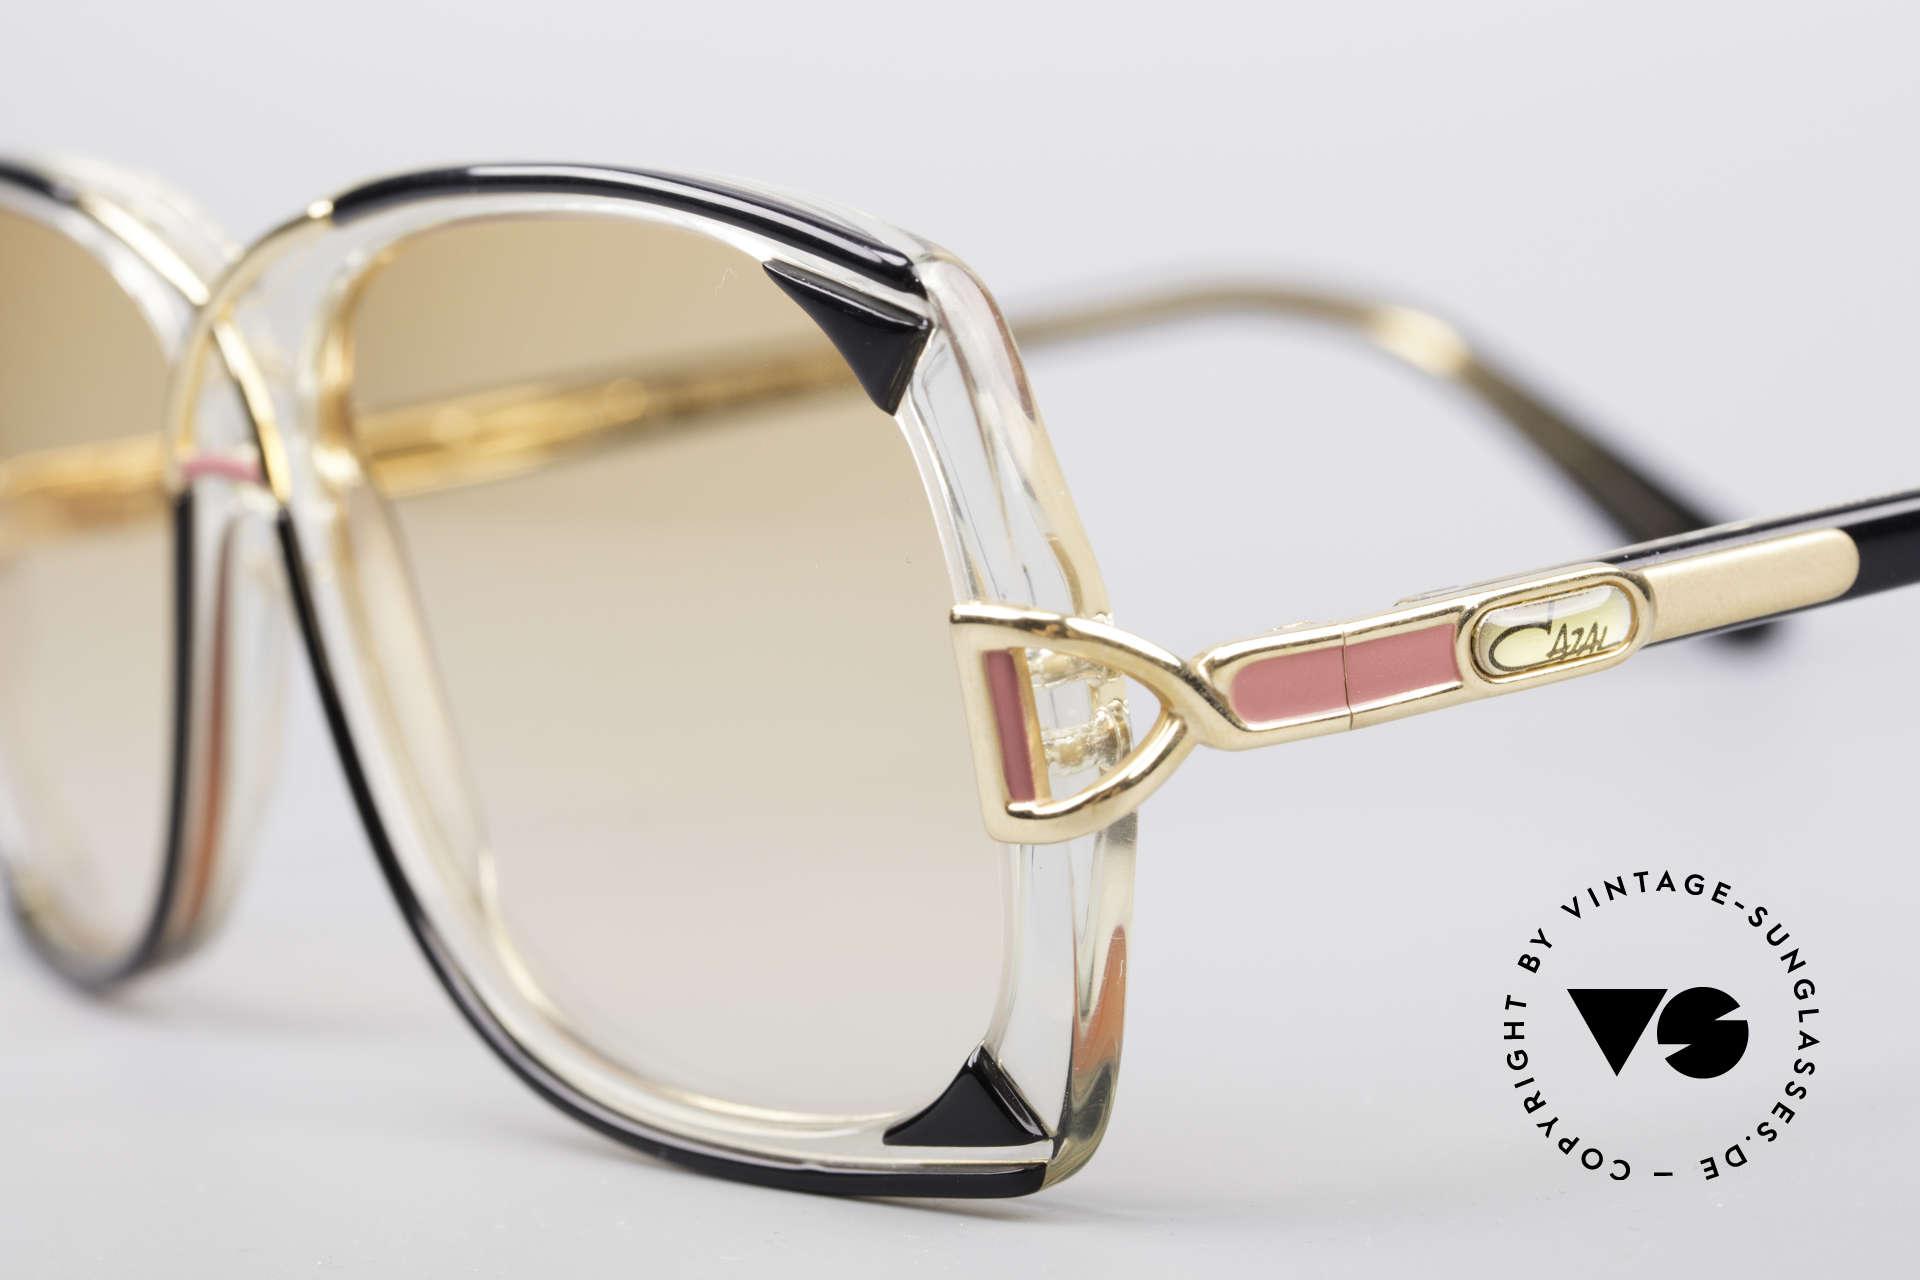 Cazal 193 Original 80er Sonnenbrille, leicht orange getönte Gläser (auch abends tragbar), Passend für Damen